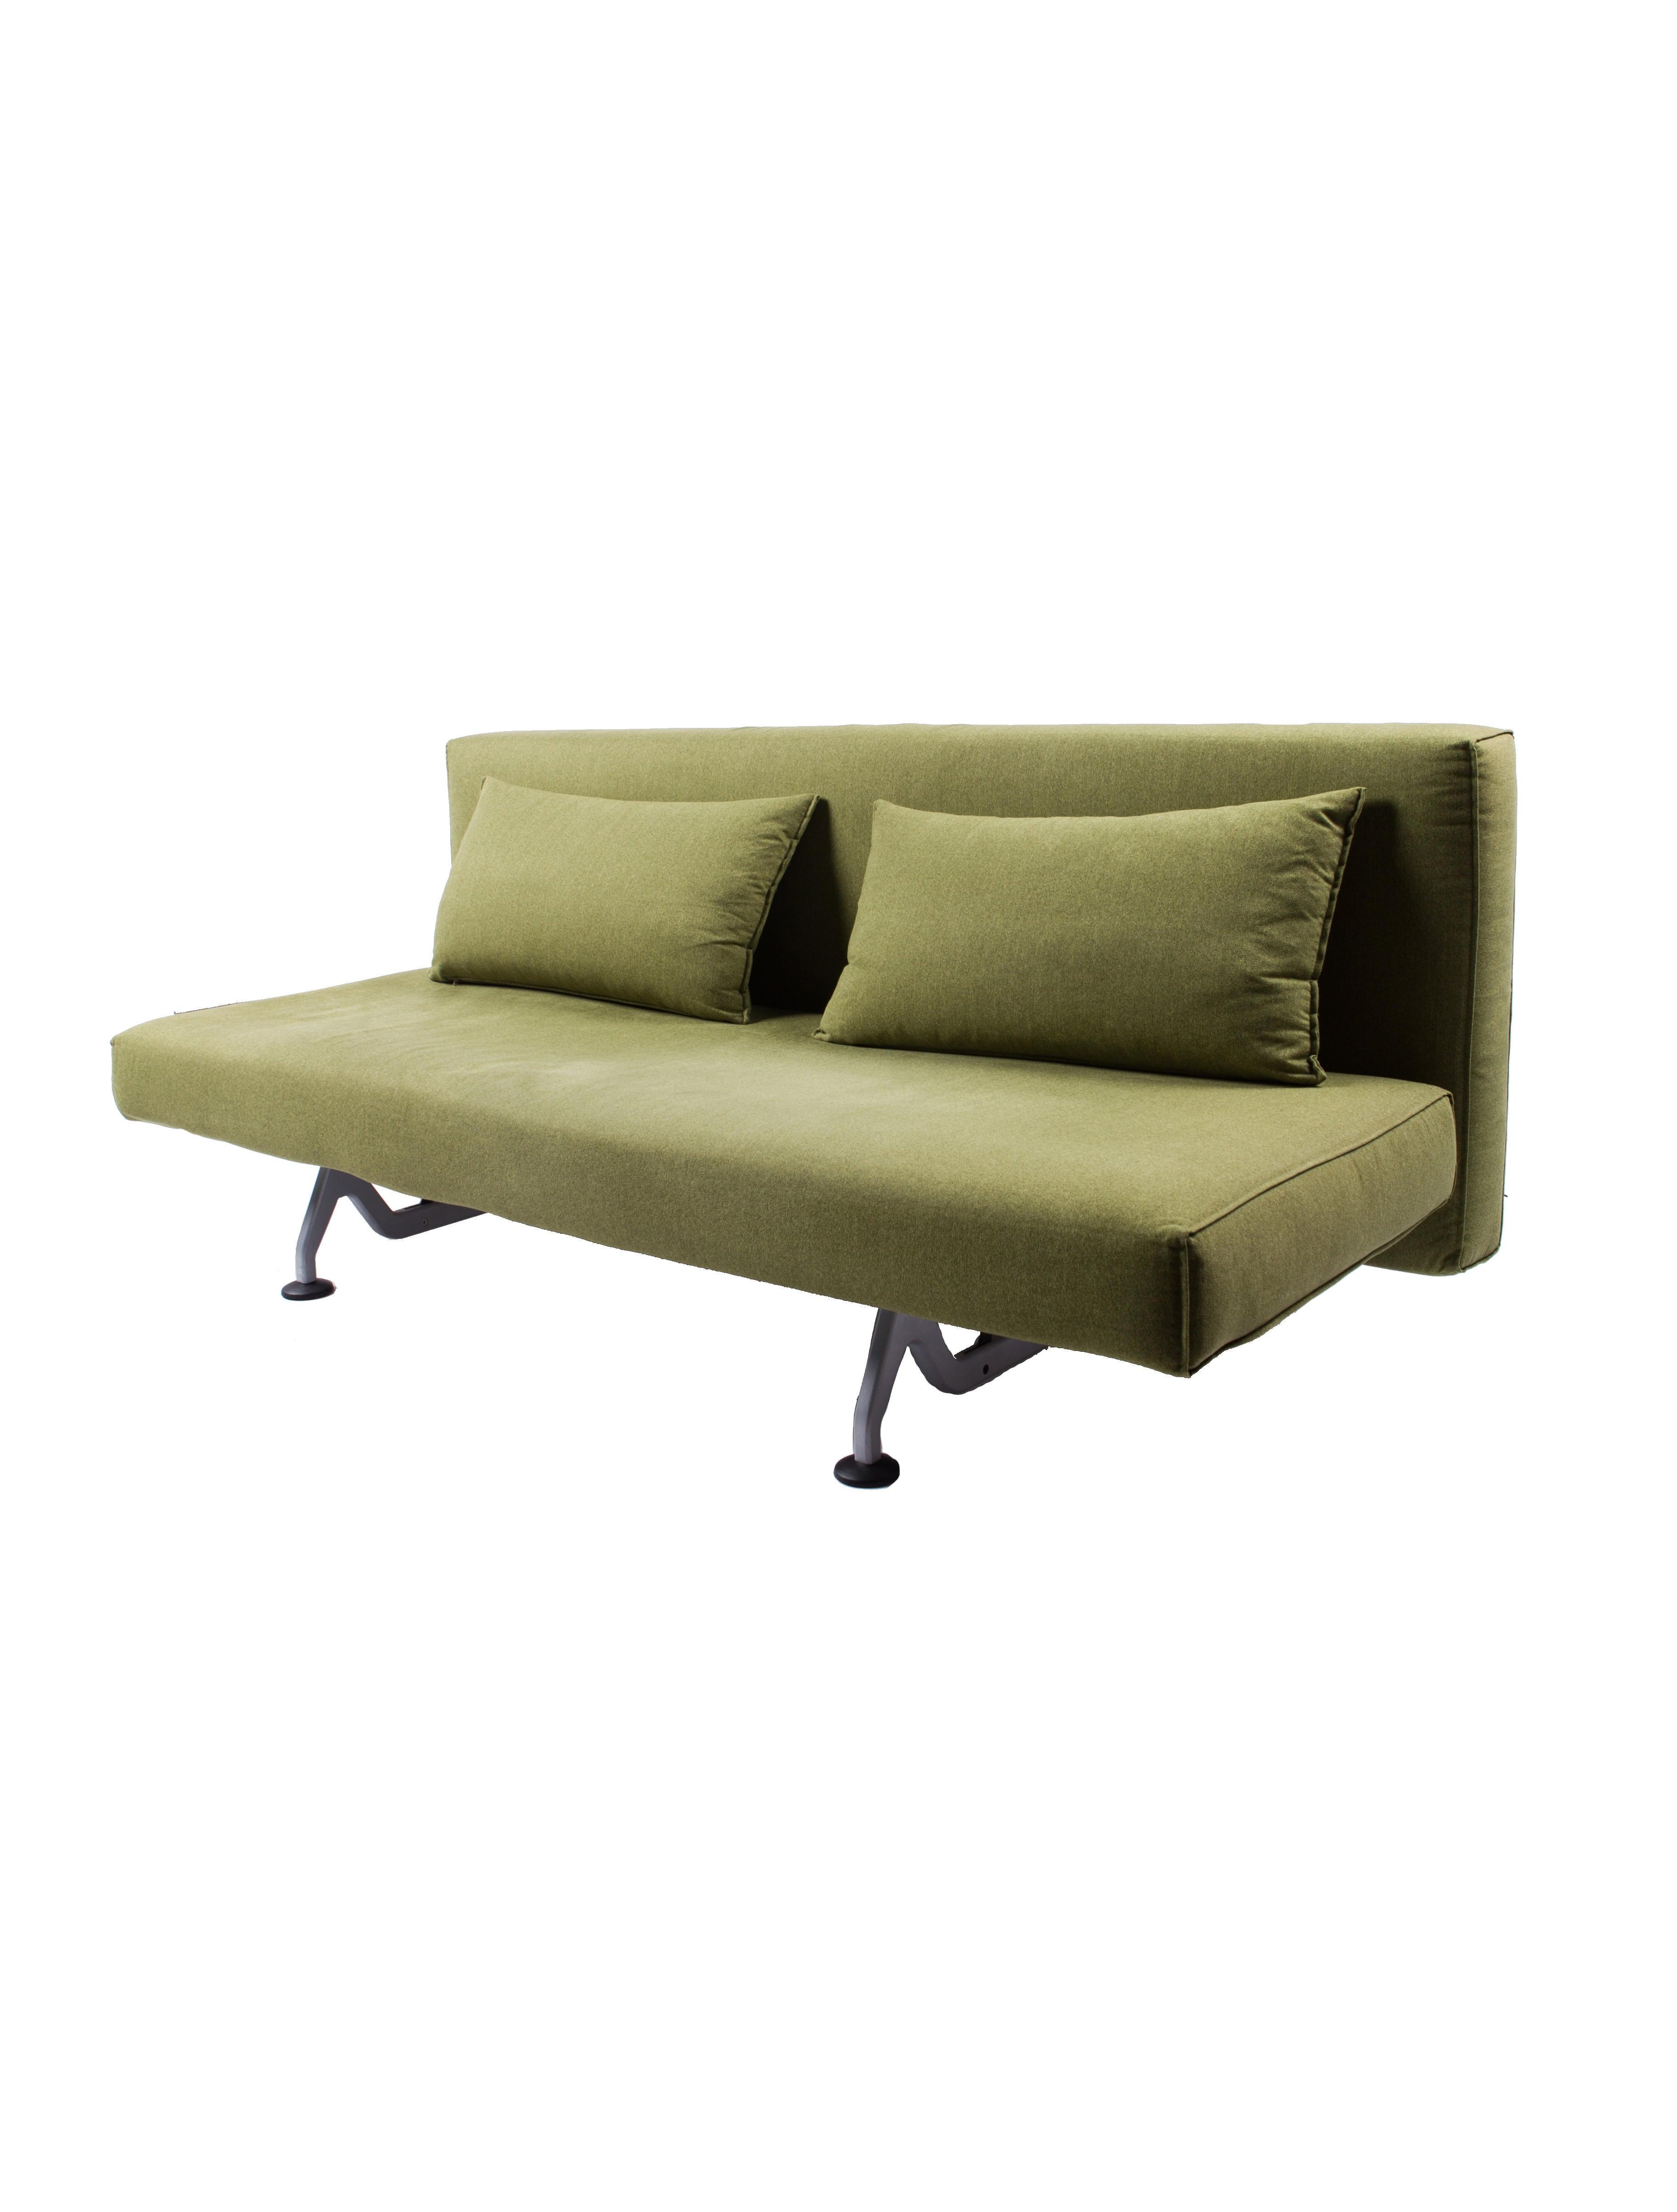 Superieur Pietro Arosio Sliding Sleeper Sofa